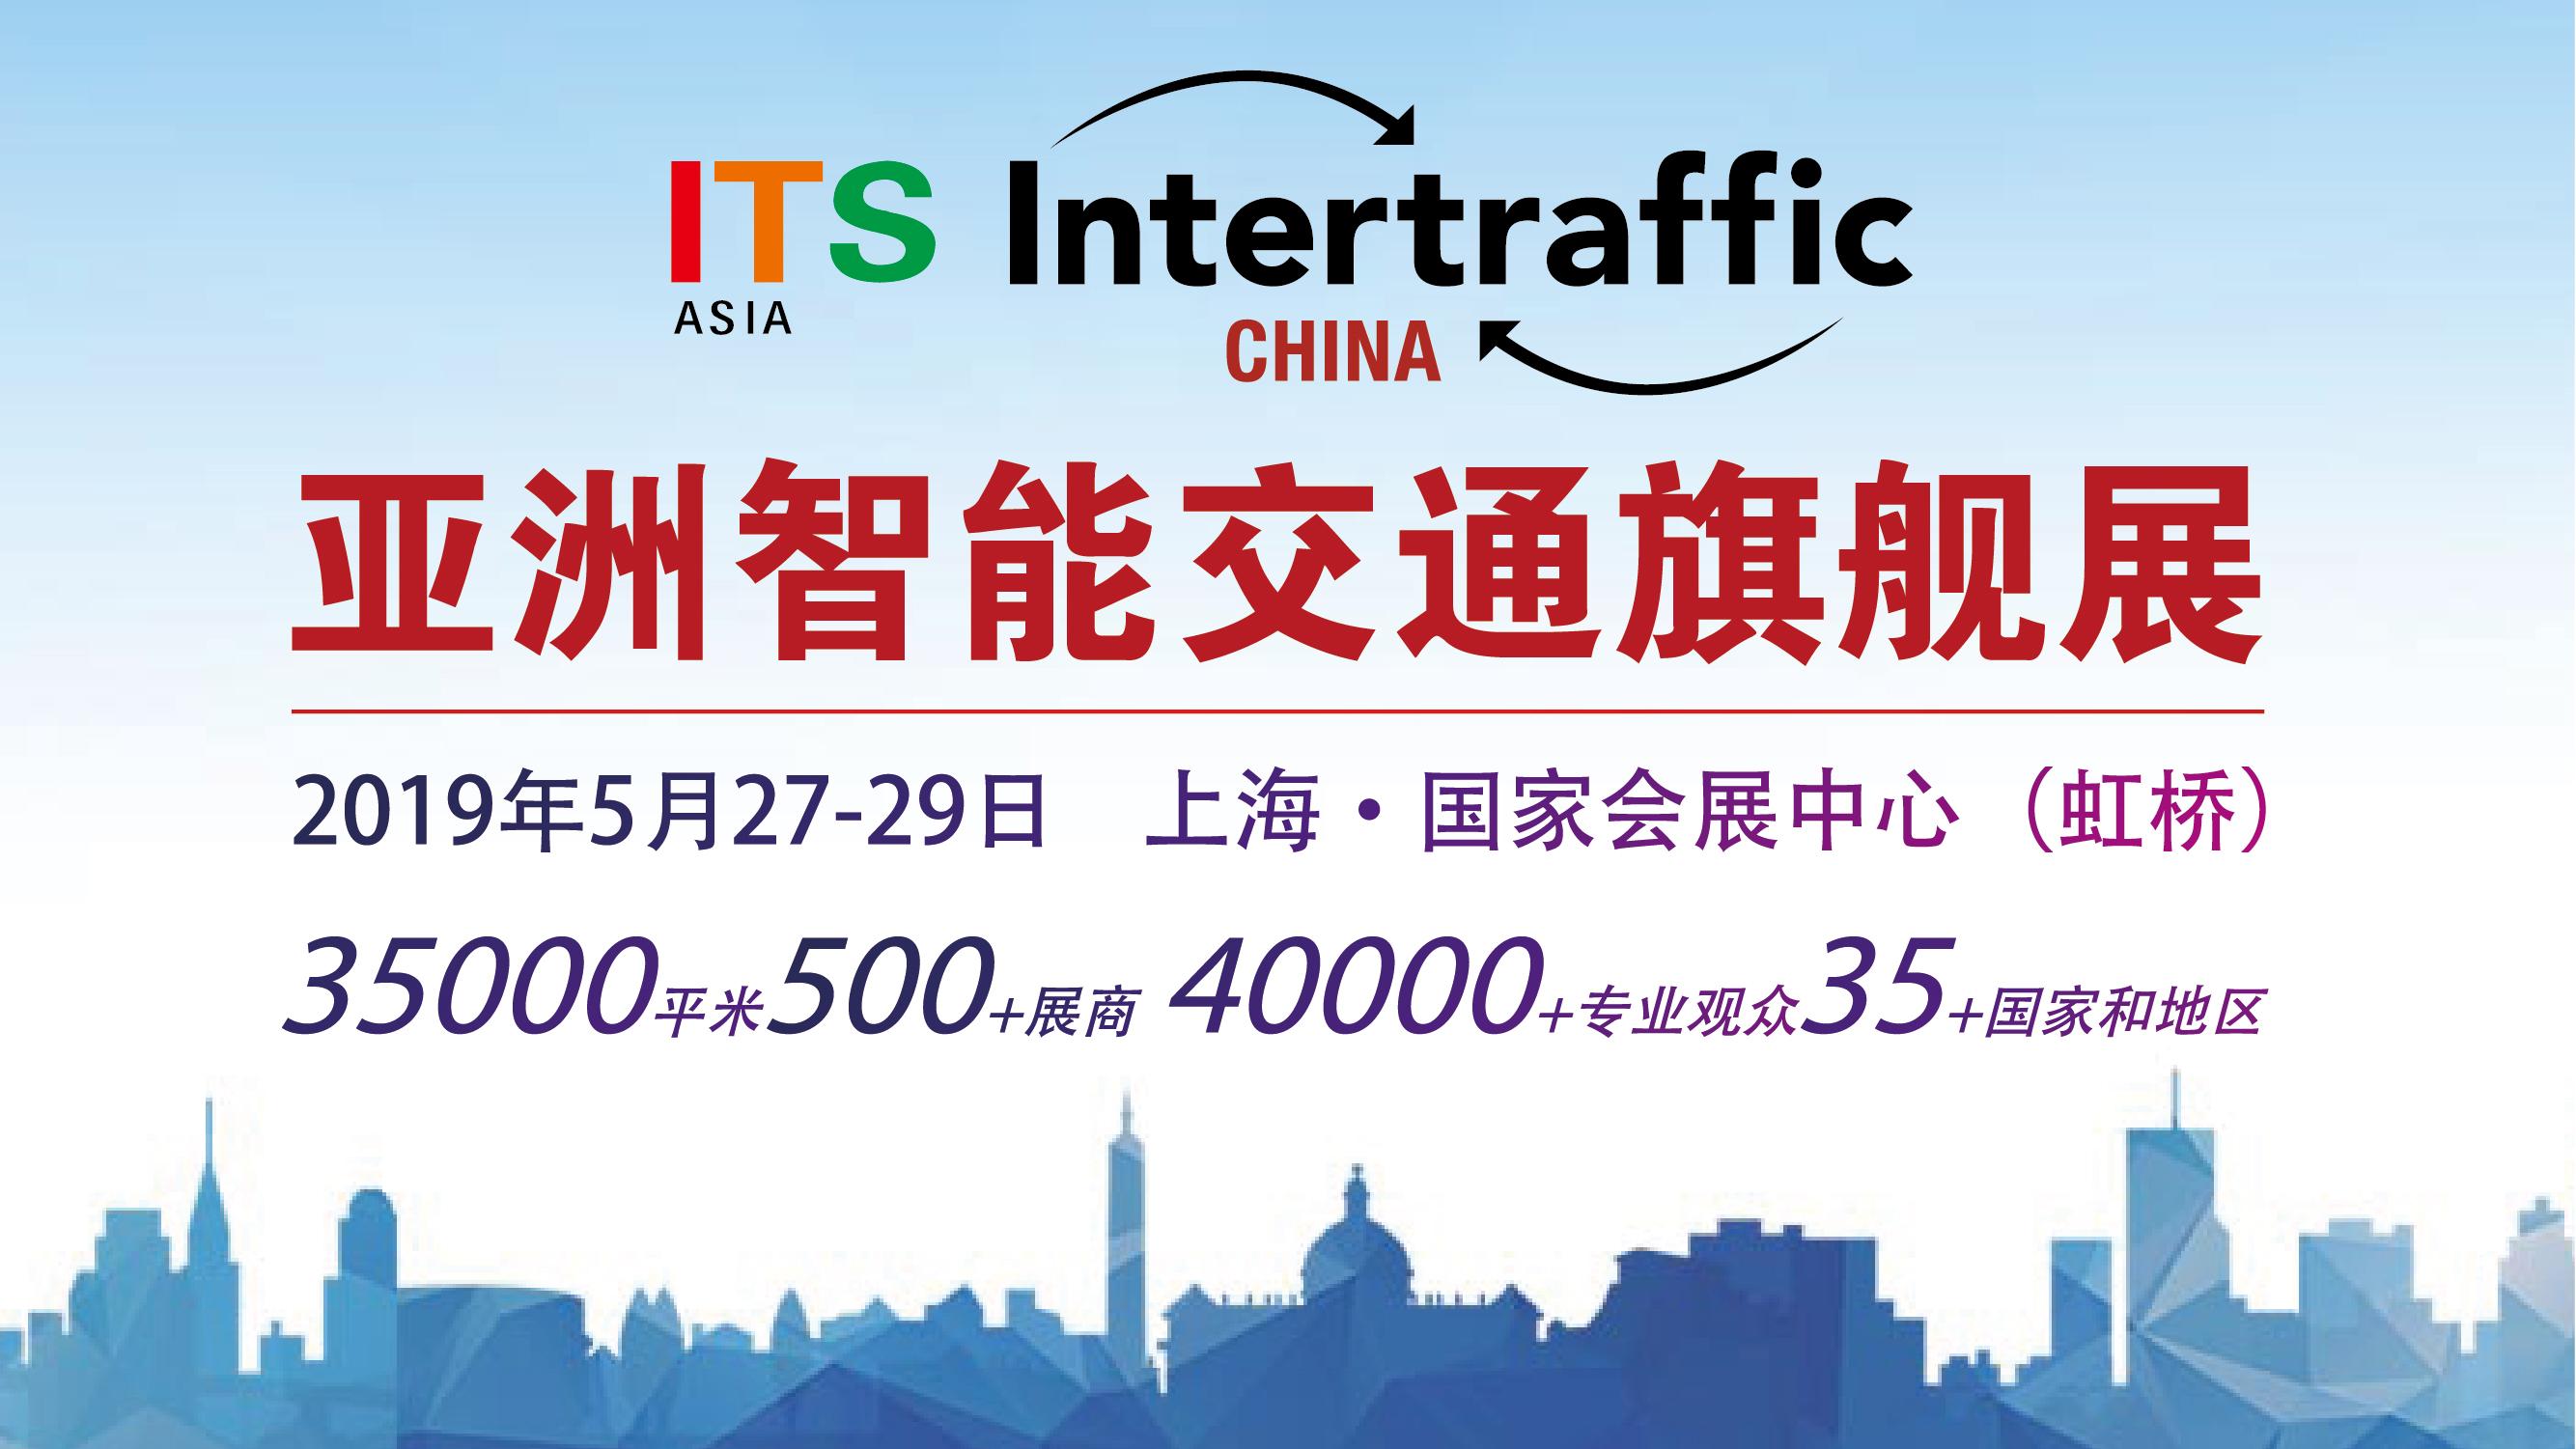 瞄准未来趋势,ITS Asia 2019亚洲智能交通展为新一轮智能交通产业布局